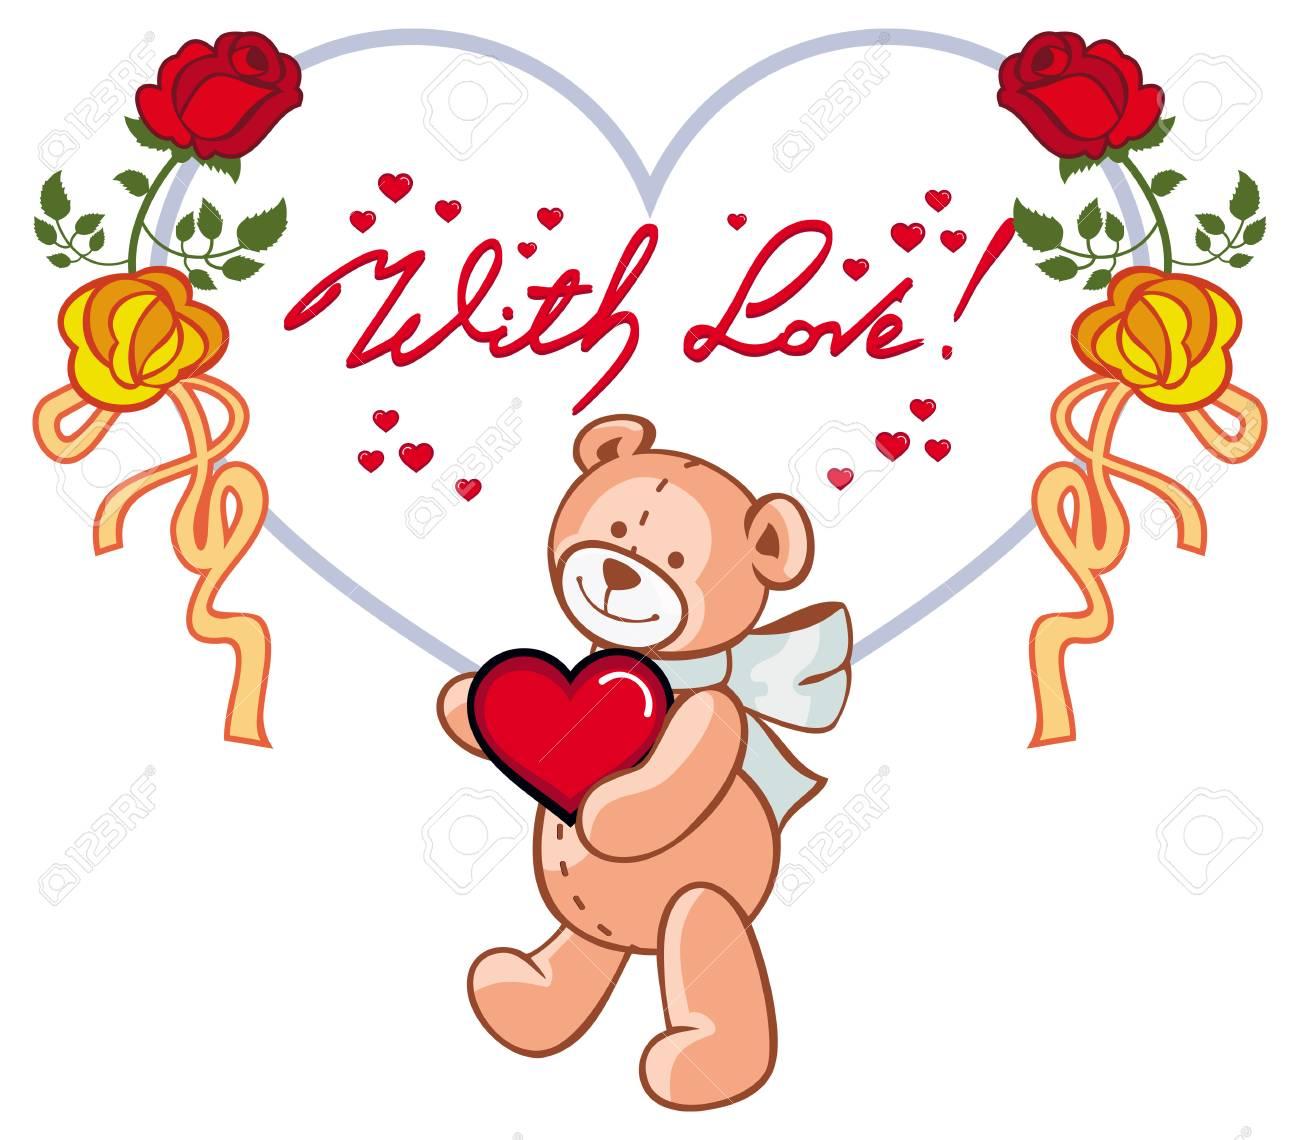 Moldura Em Forma De Coração Com Rosas Vermelhas Urso De Peluche